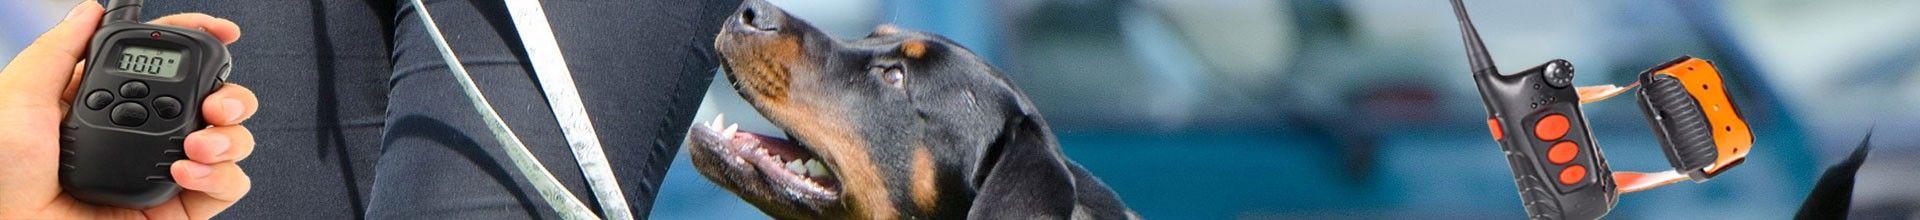 Trainingshalsband voor hondeneducatie.